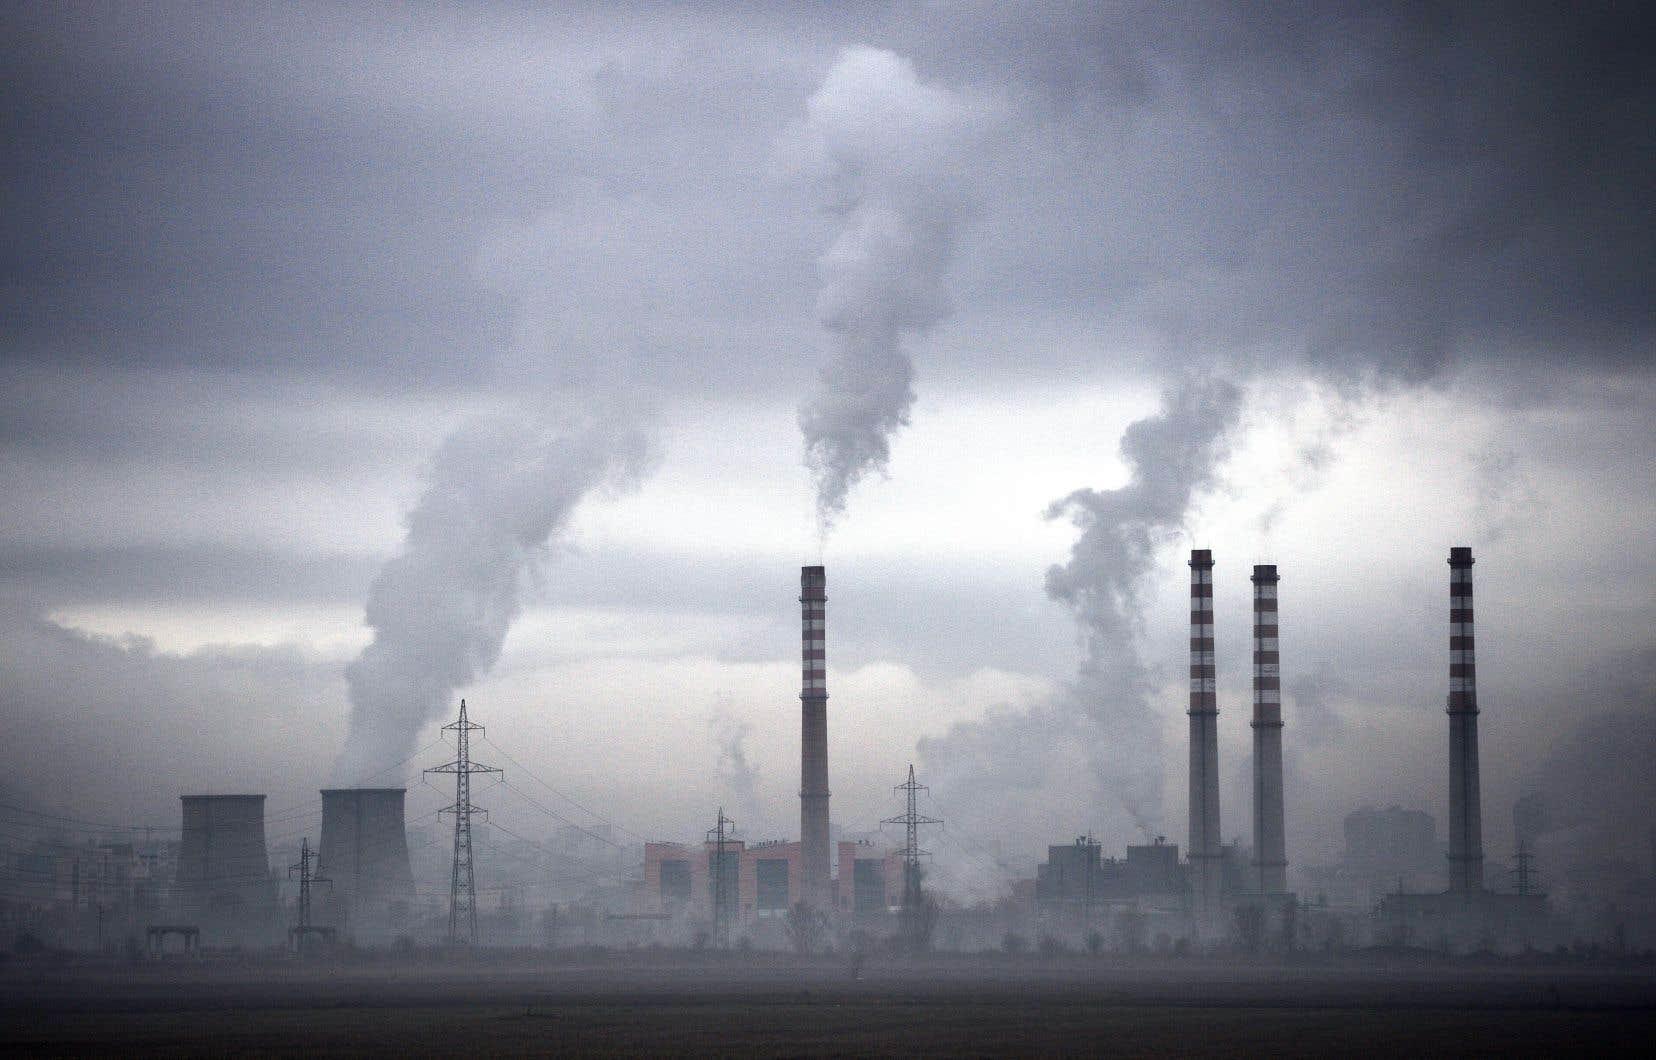 L'Association canadienne des journalistes déplore une couverture inadéquate des changements climatiques par les médias au pays.